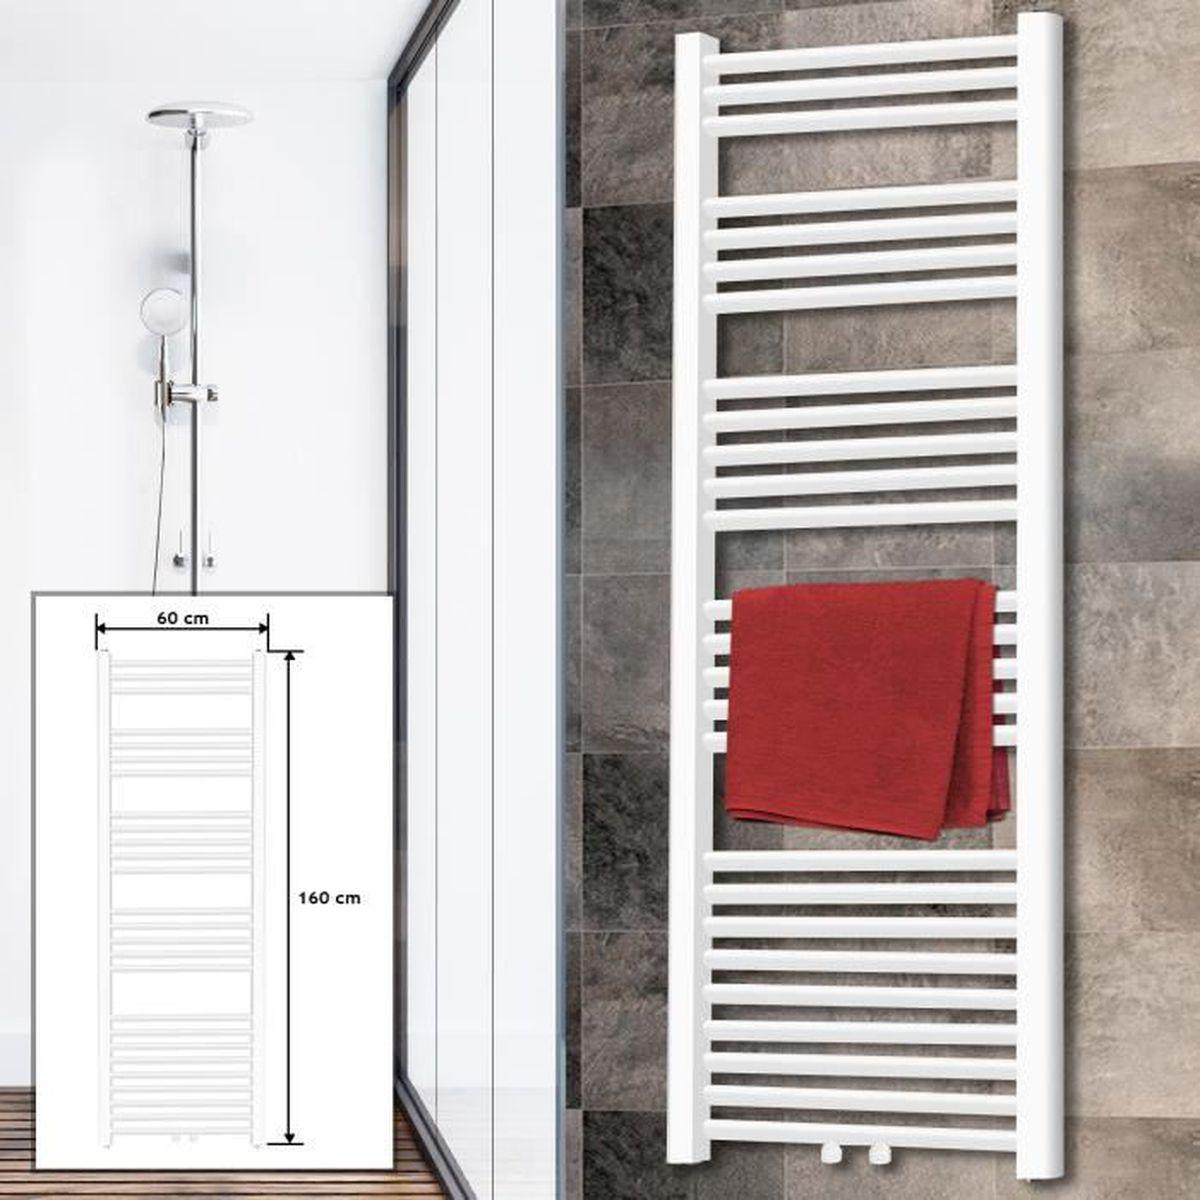 Sèche-Serviette 12x12 mm Radiateur Chauffe-Serviette pour Salle